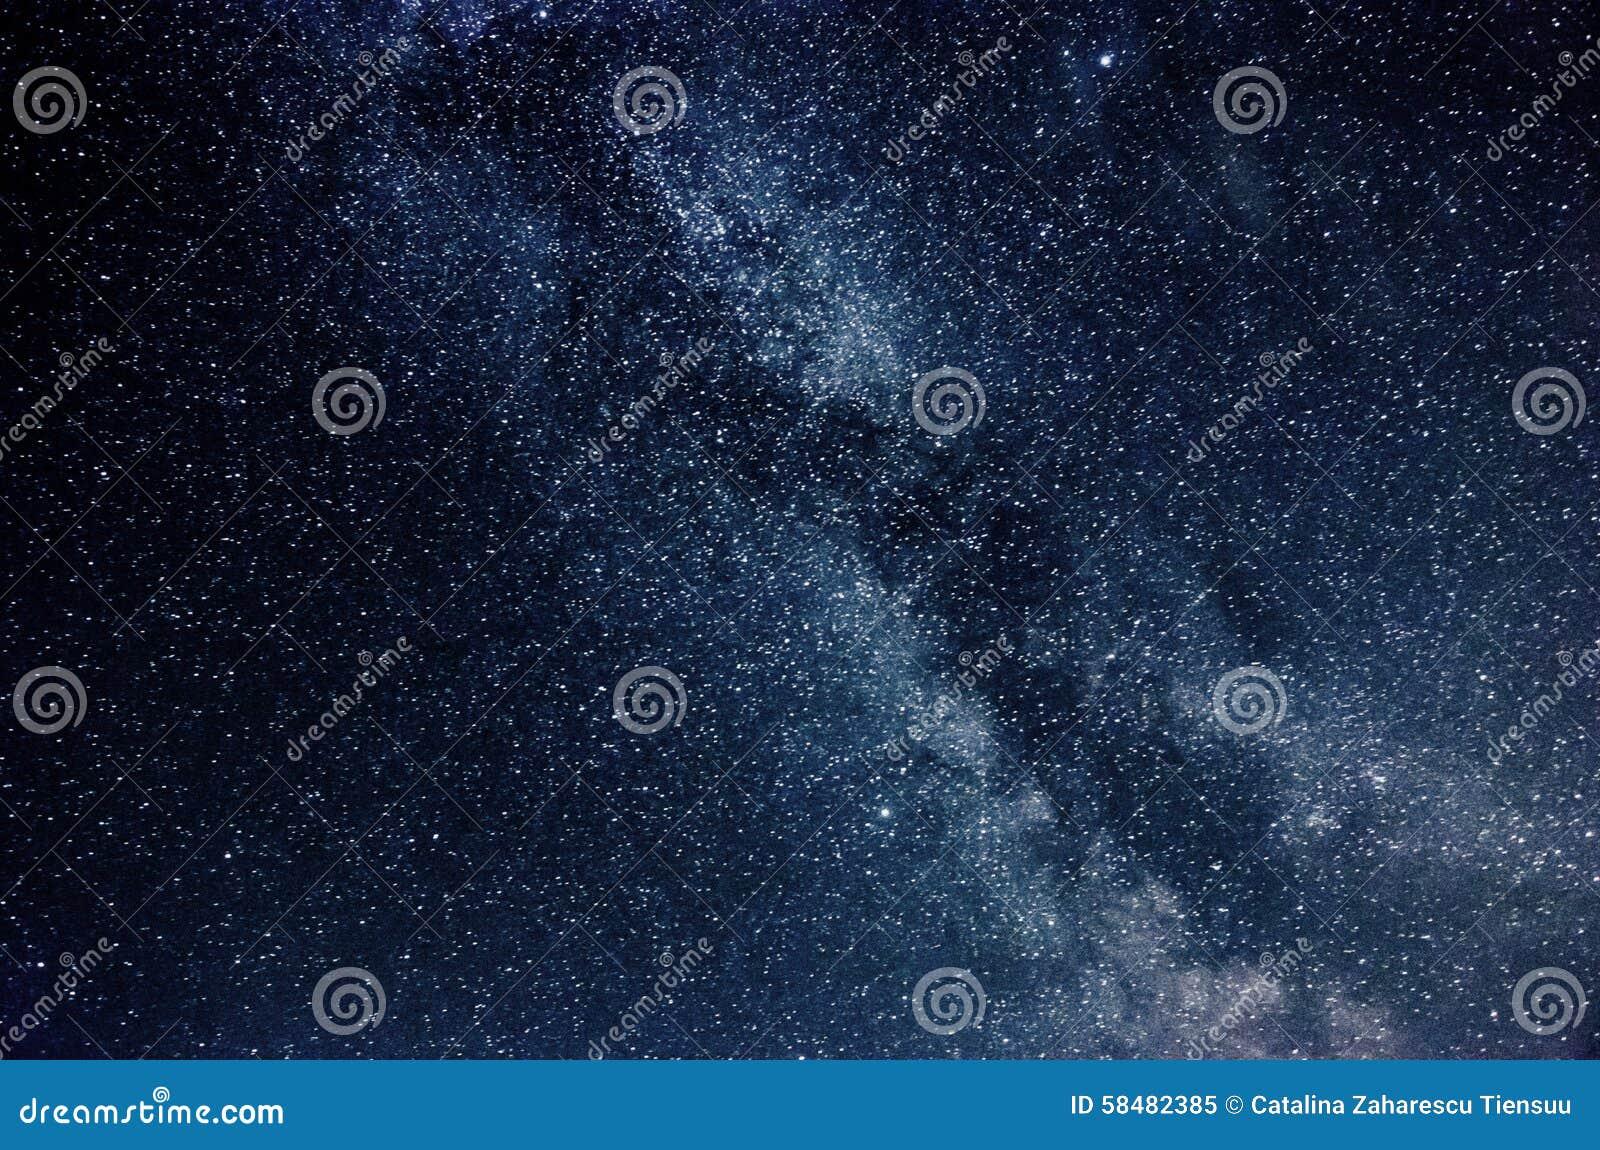 Млечный путь и звёздное небо с облаками